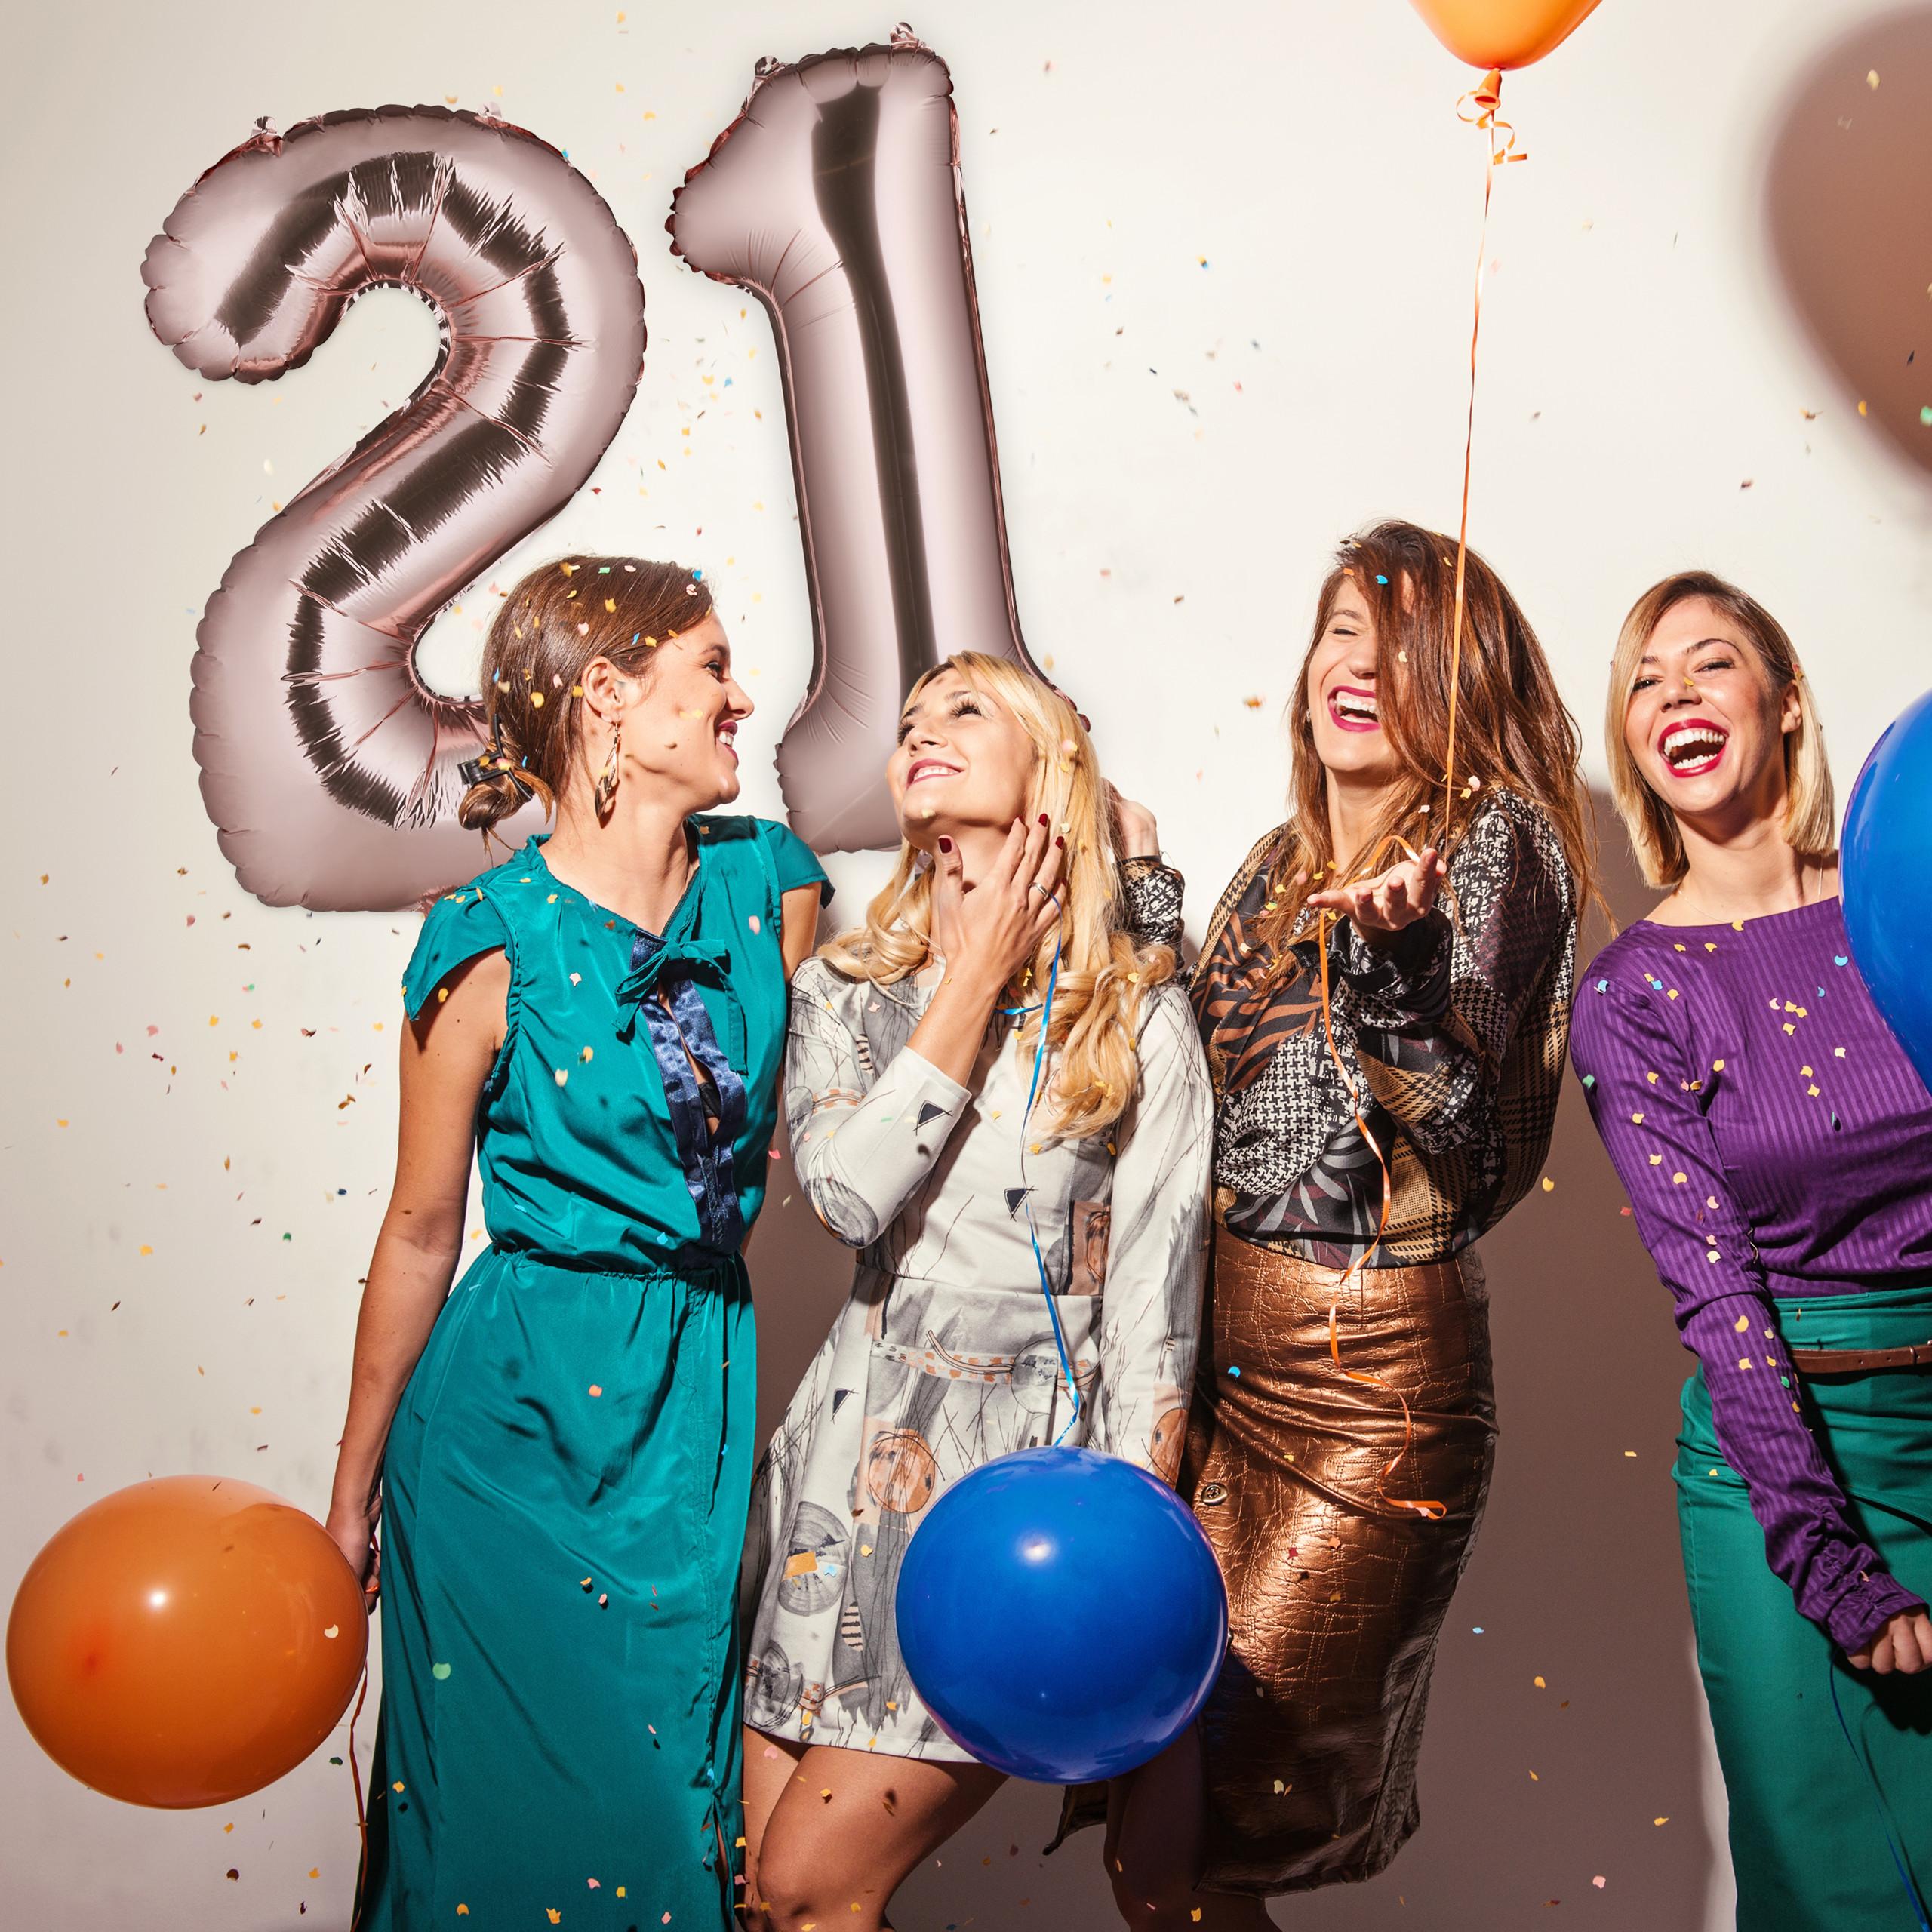 Ballon-chiffre-numero-21-gonflable-anniversaire-decoration-geant-mariage miniature 5